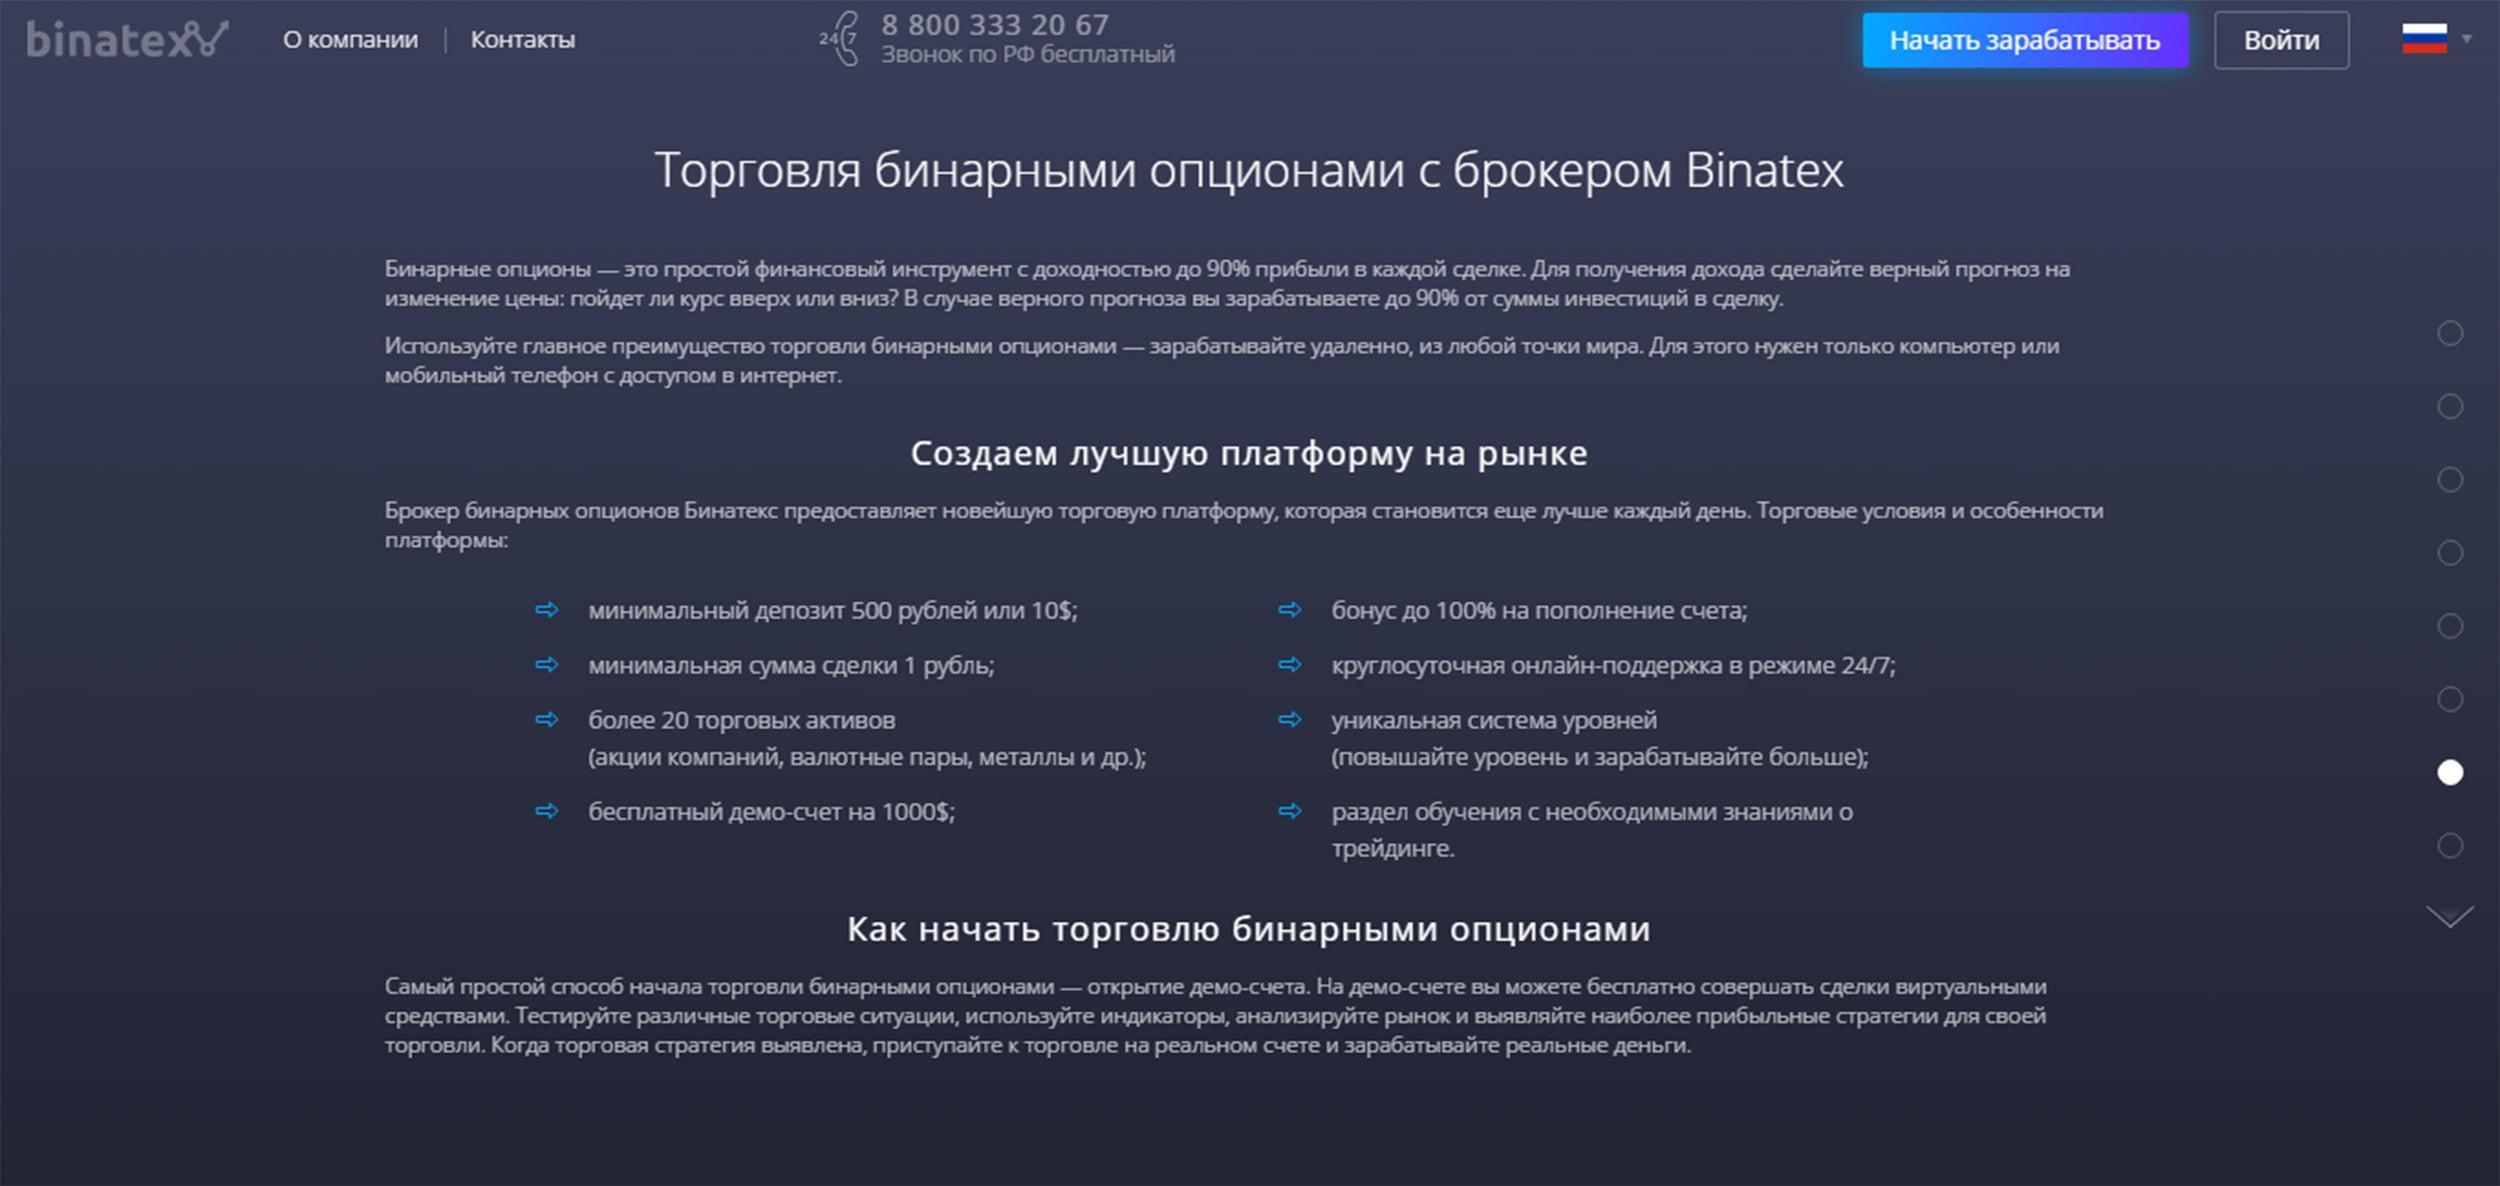 Торговые условия брокера Бинатекс